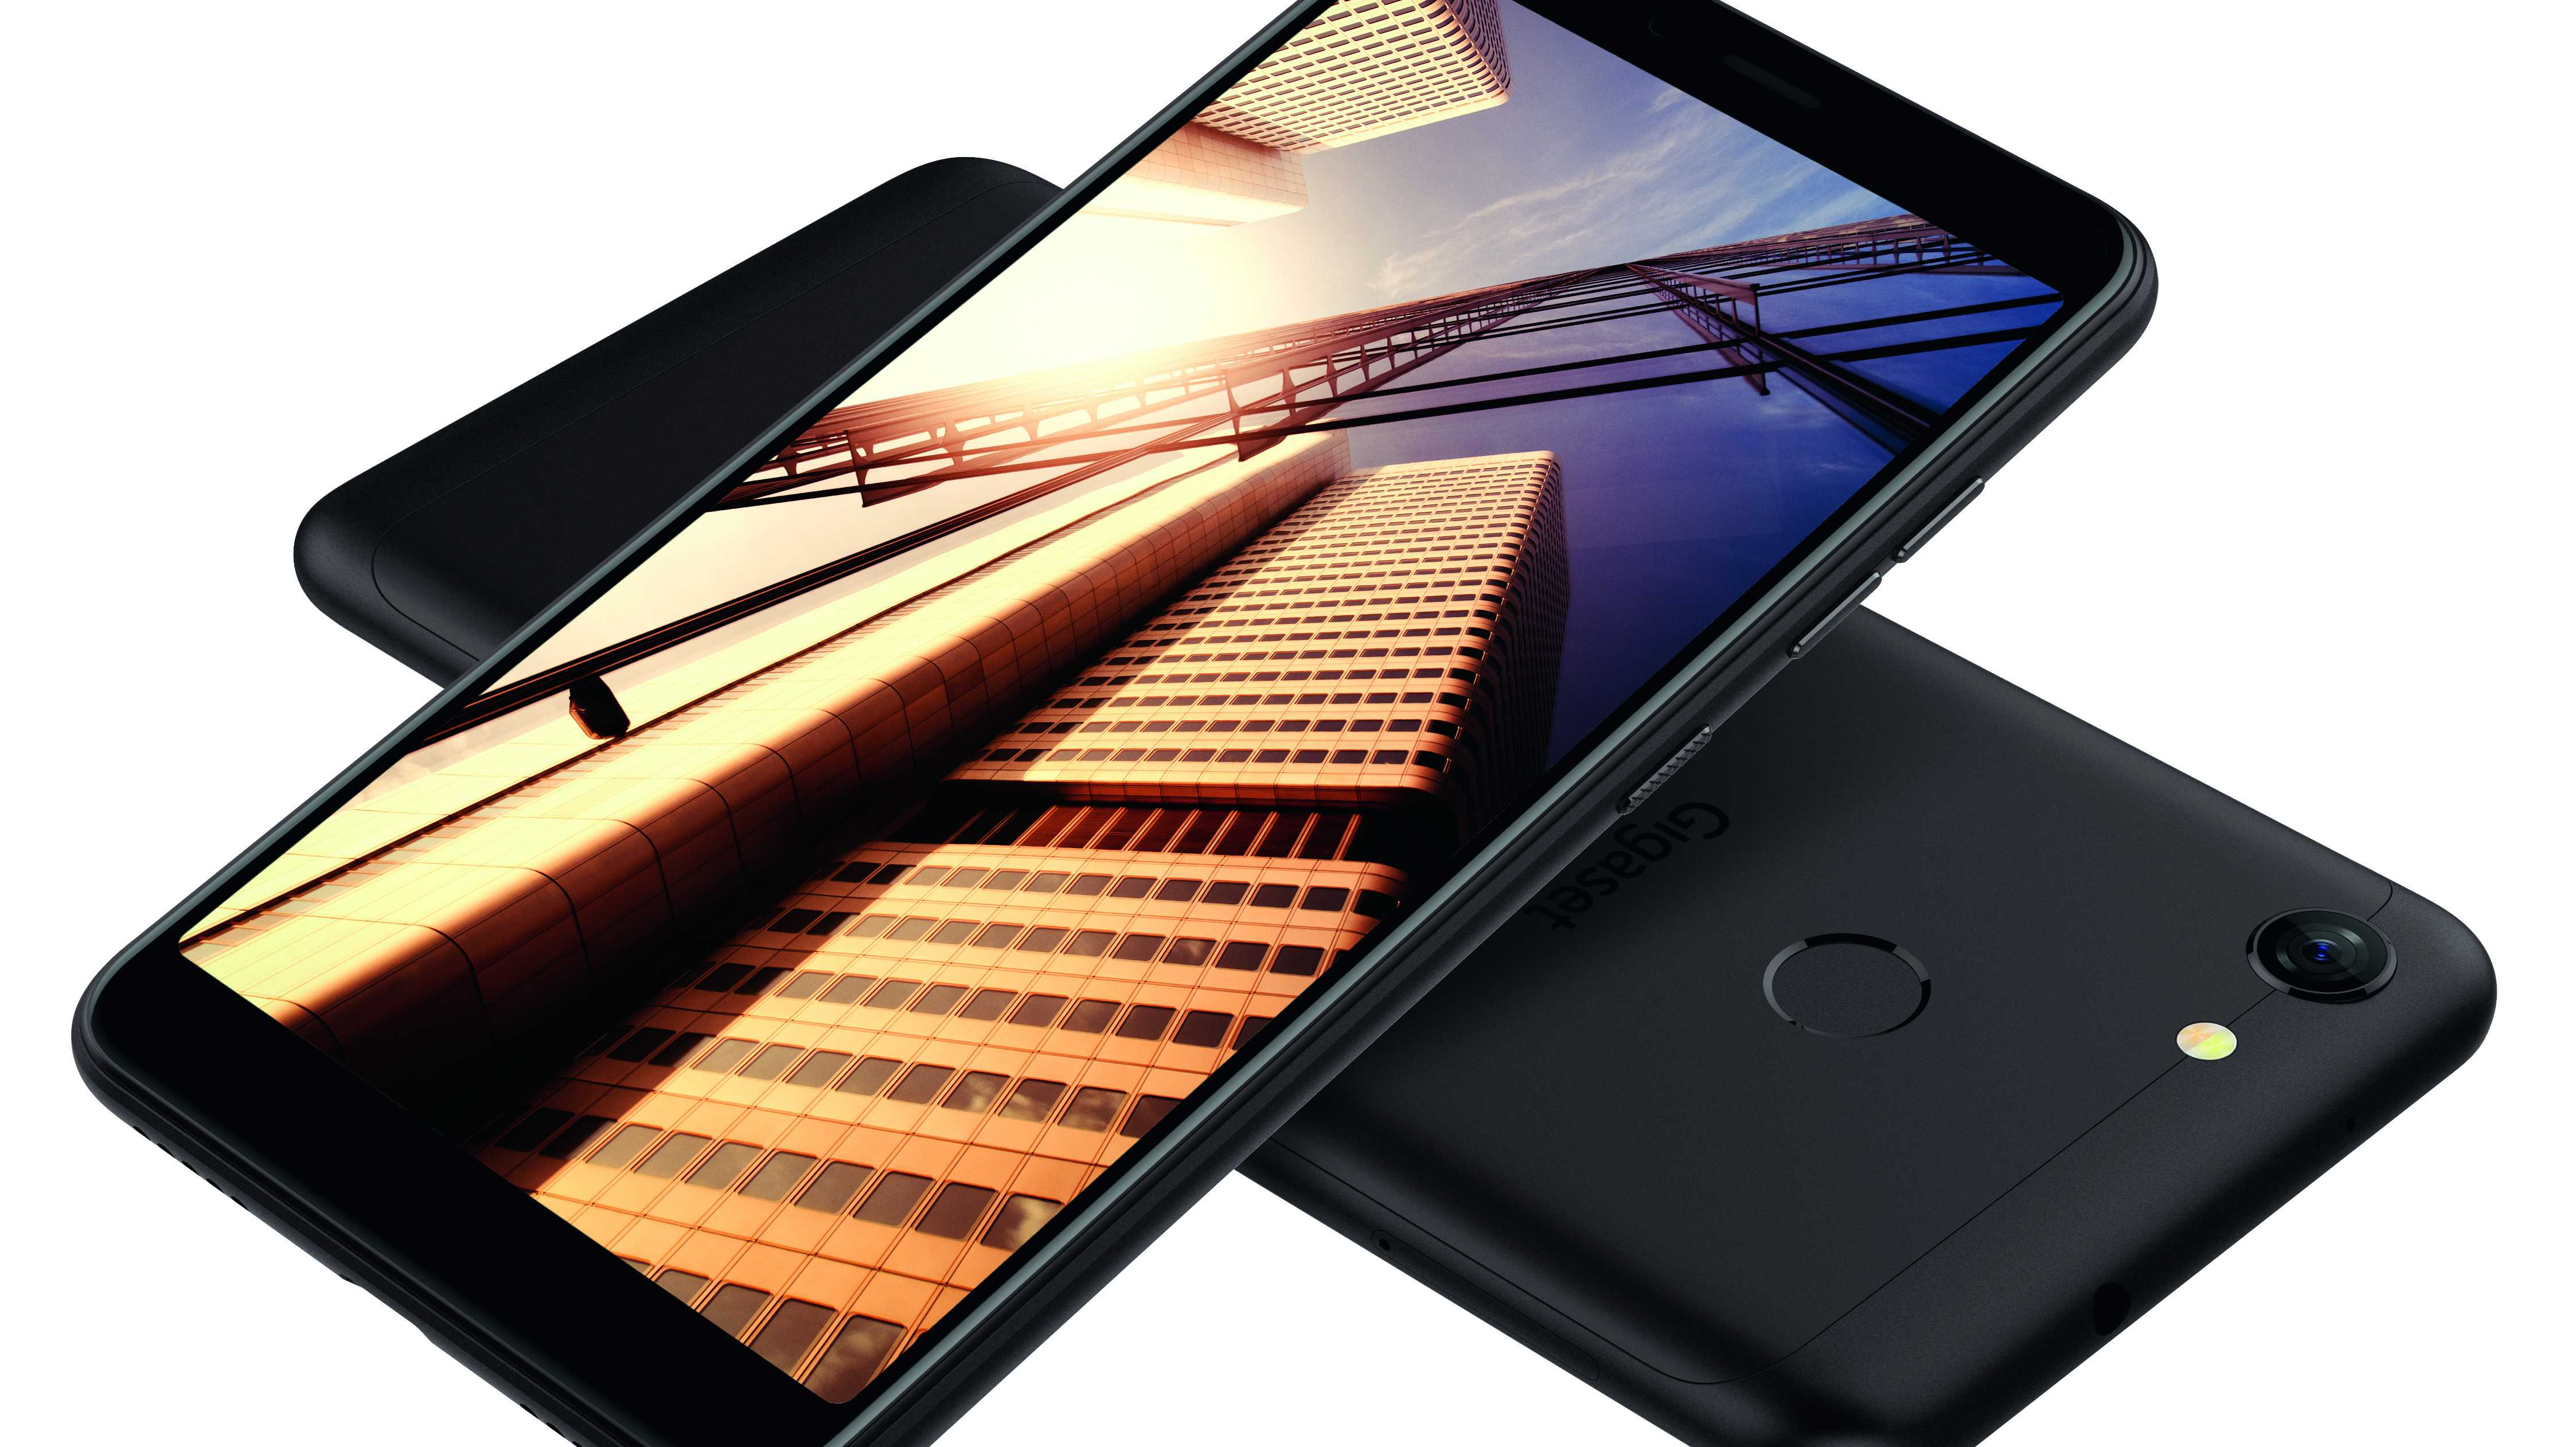 Gigaset stellt neues Einsteiger-Smartphone vor: Fertigung in Deutschland